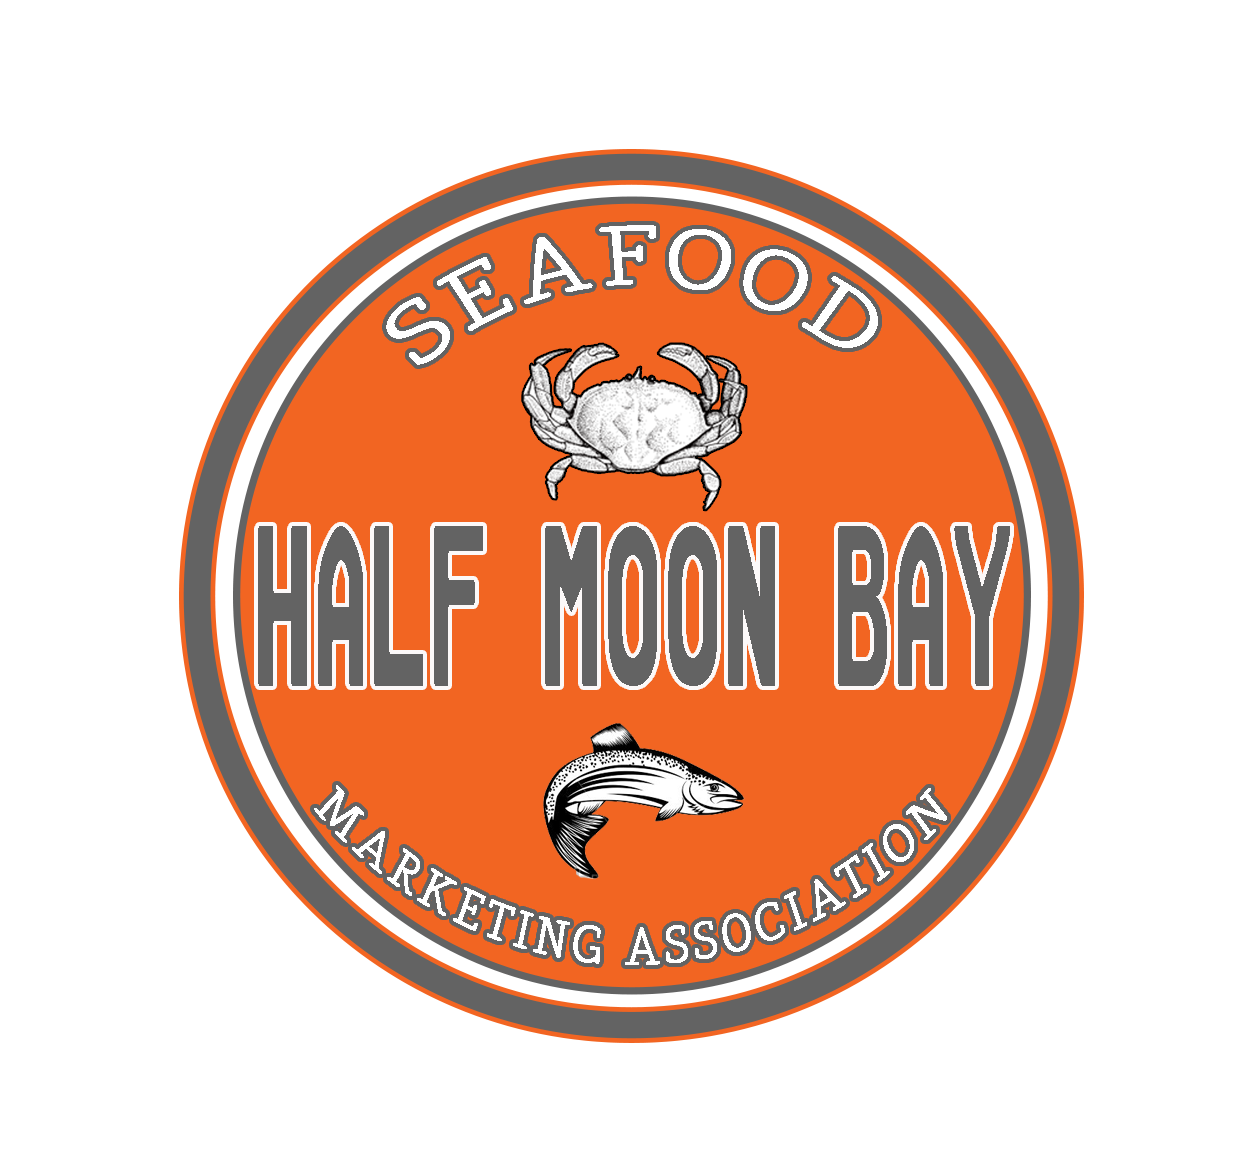 Half Moon Bay Seafood